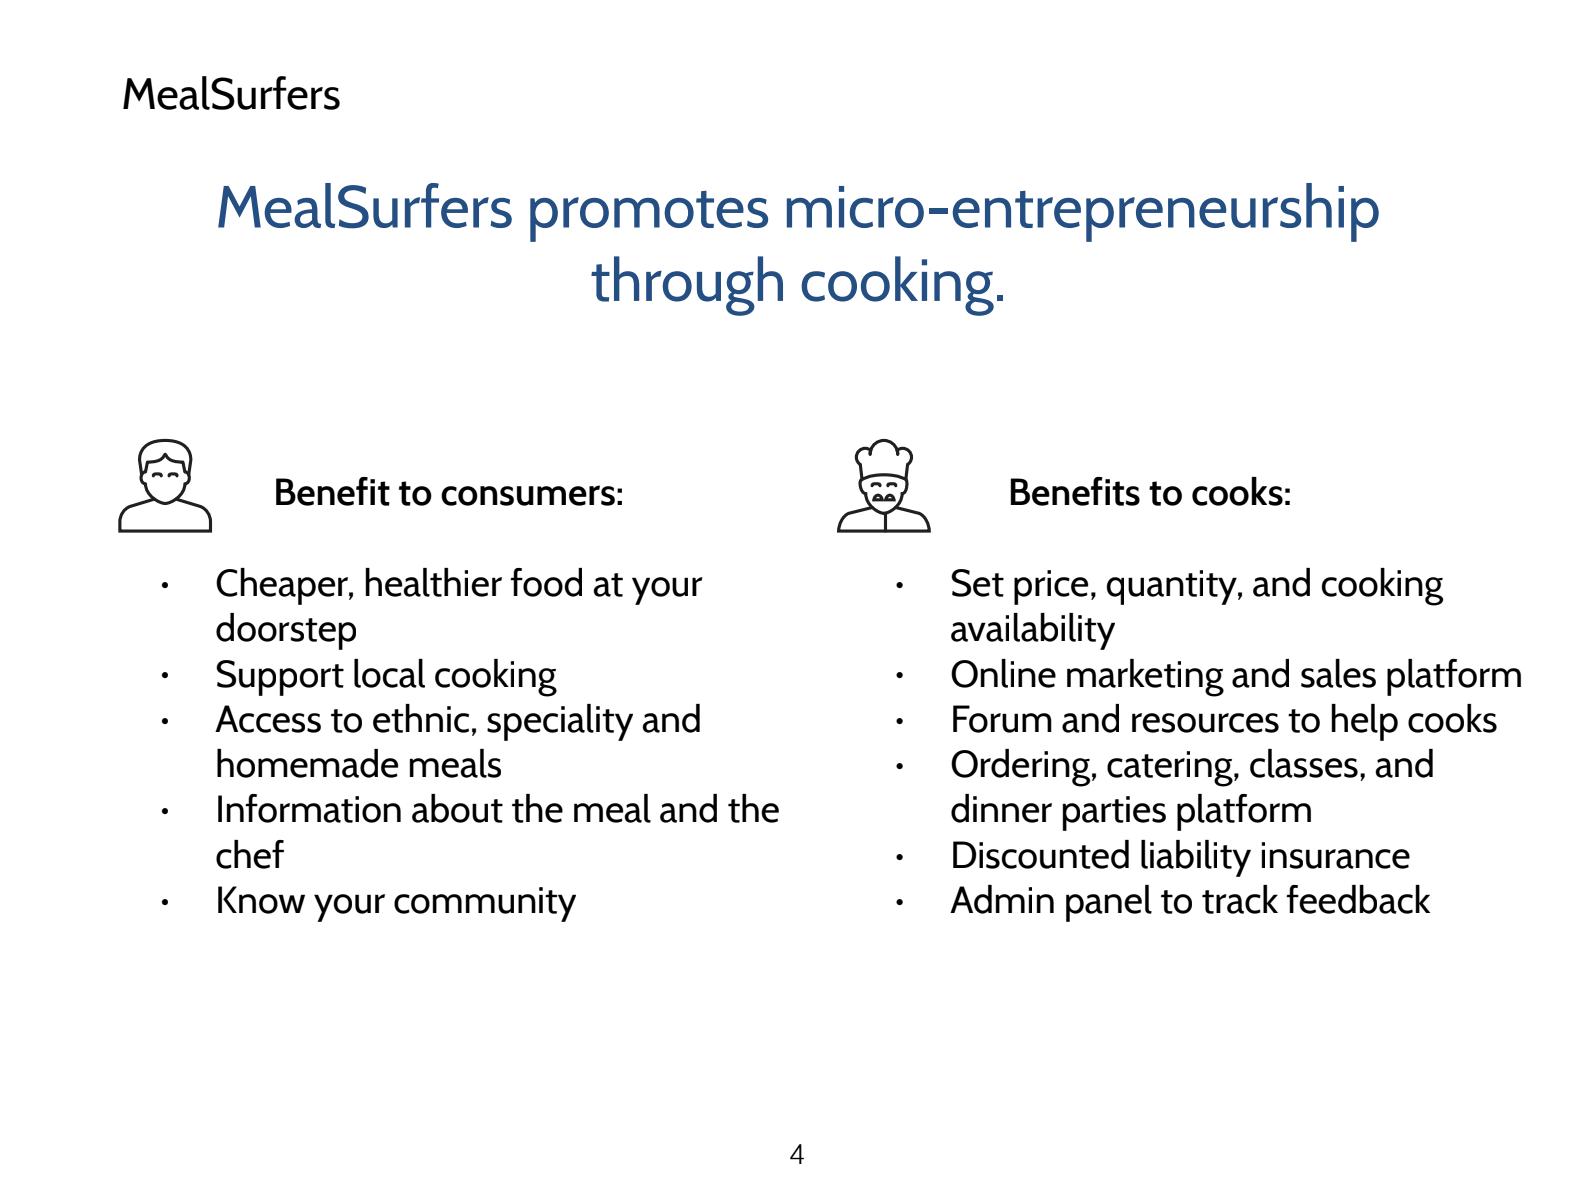 MealSurfer's Benefits